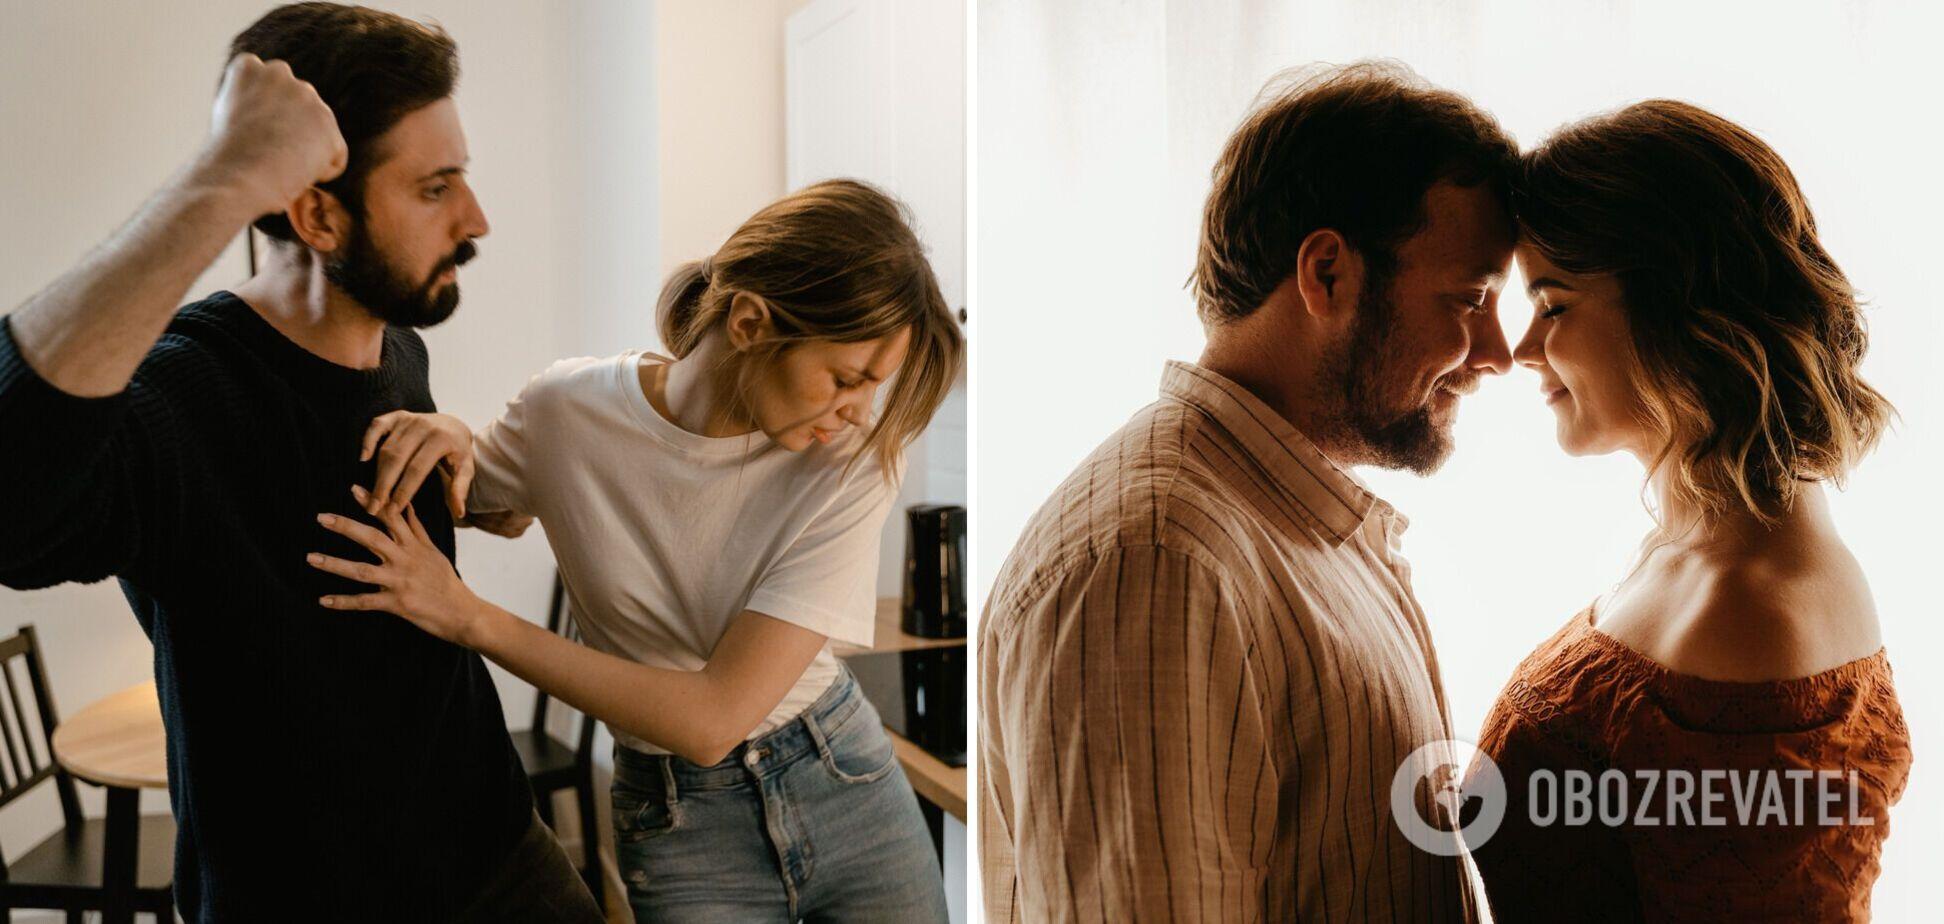 'Стосунки не залежать від короткої спідниці': психологиня розповіла, як боротися з ревнощами. Ексклюзив